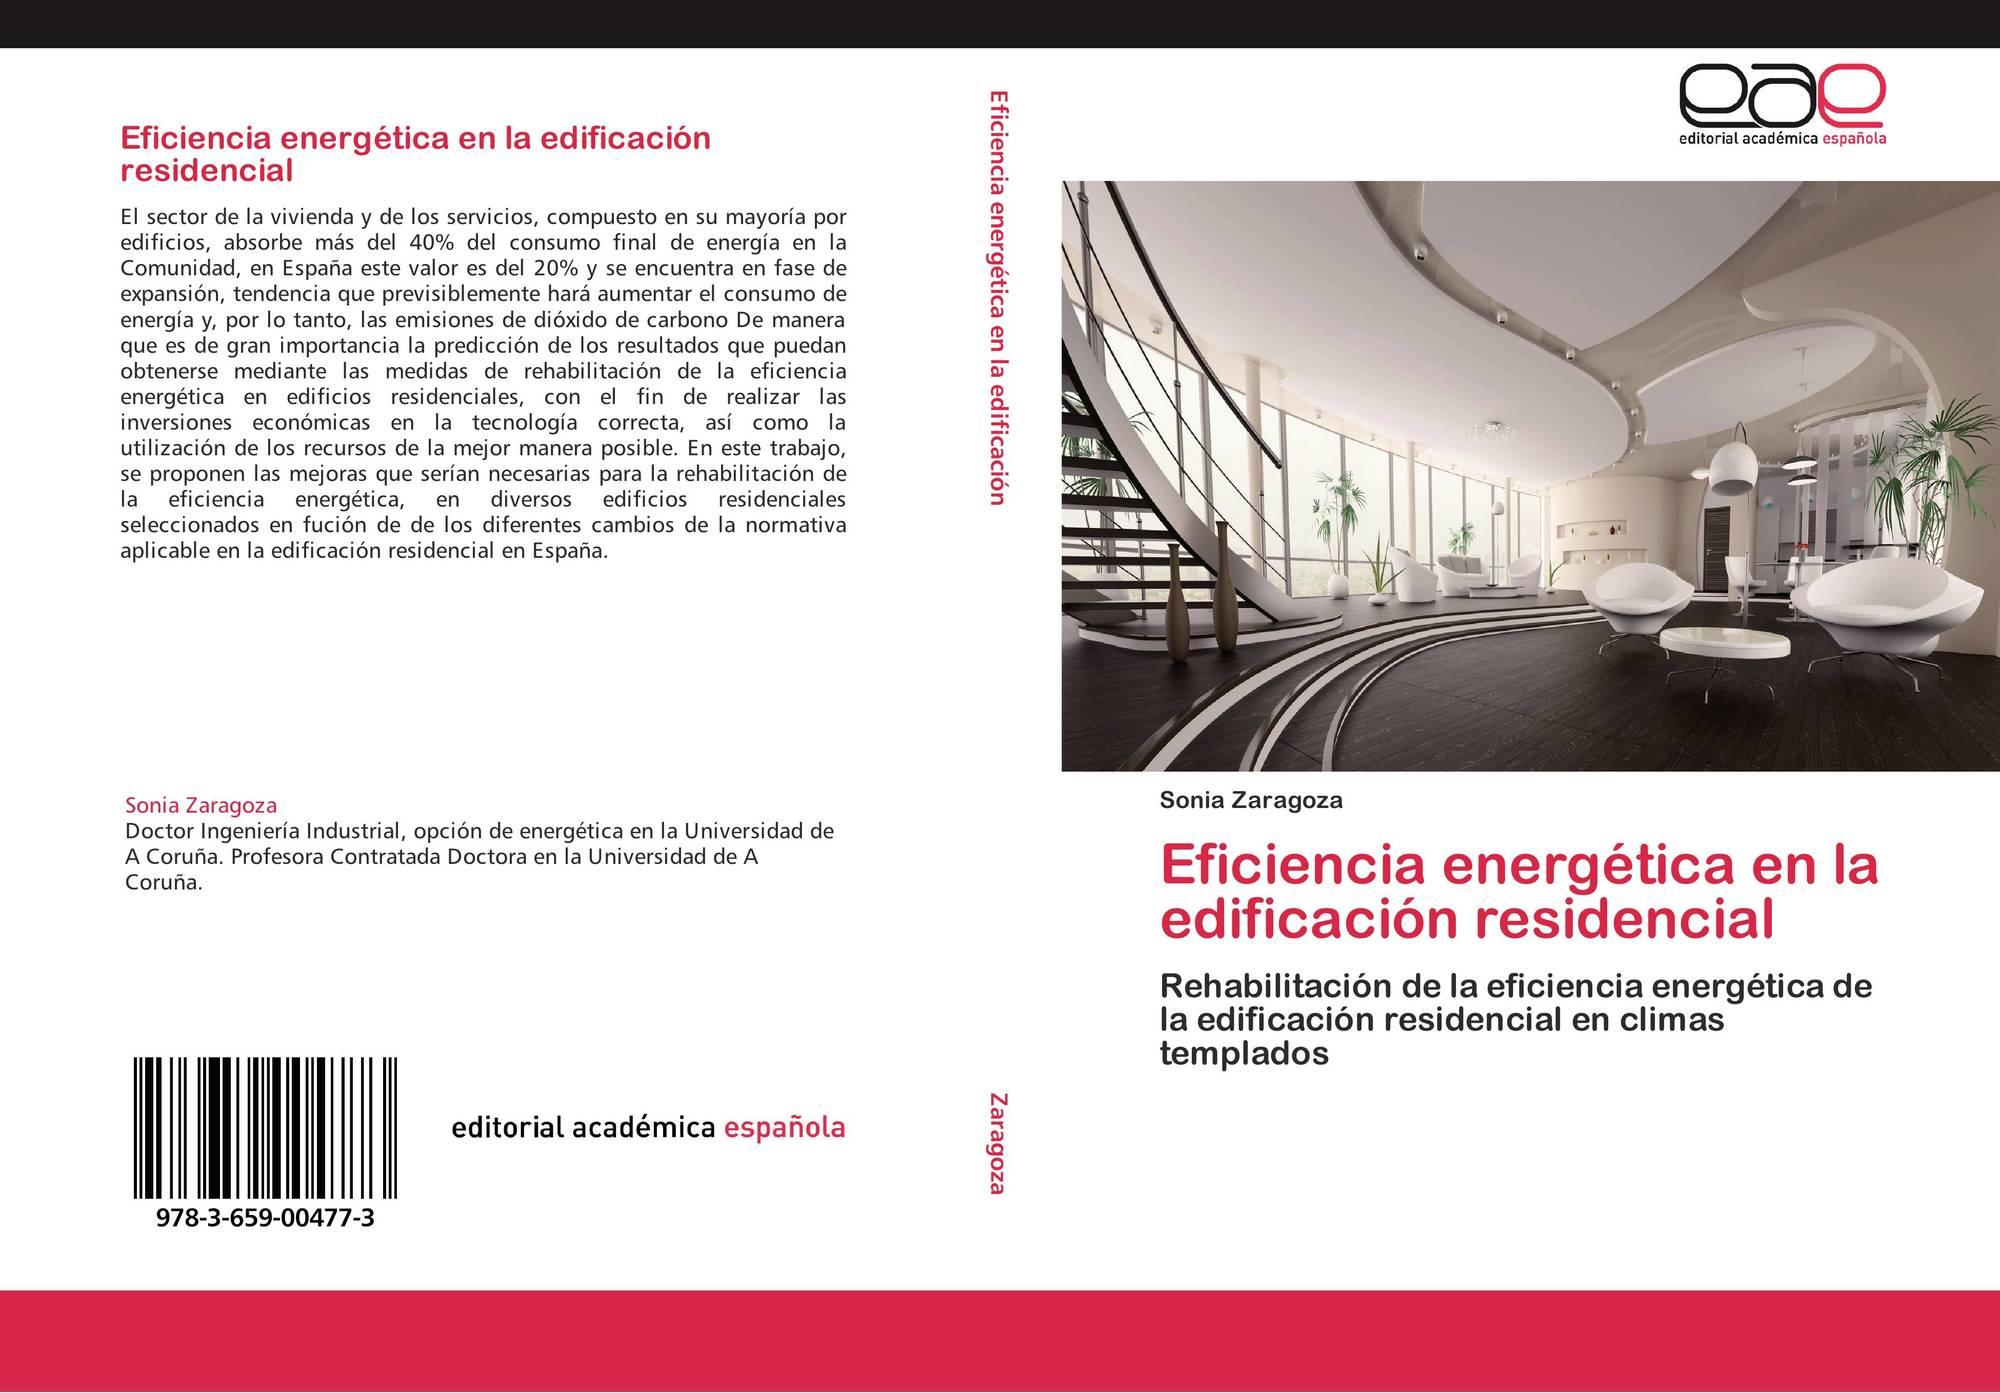 Portada del libro de eficiencia energ tica en la edificaci n residencial